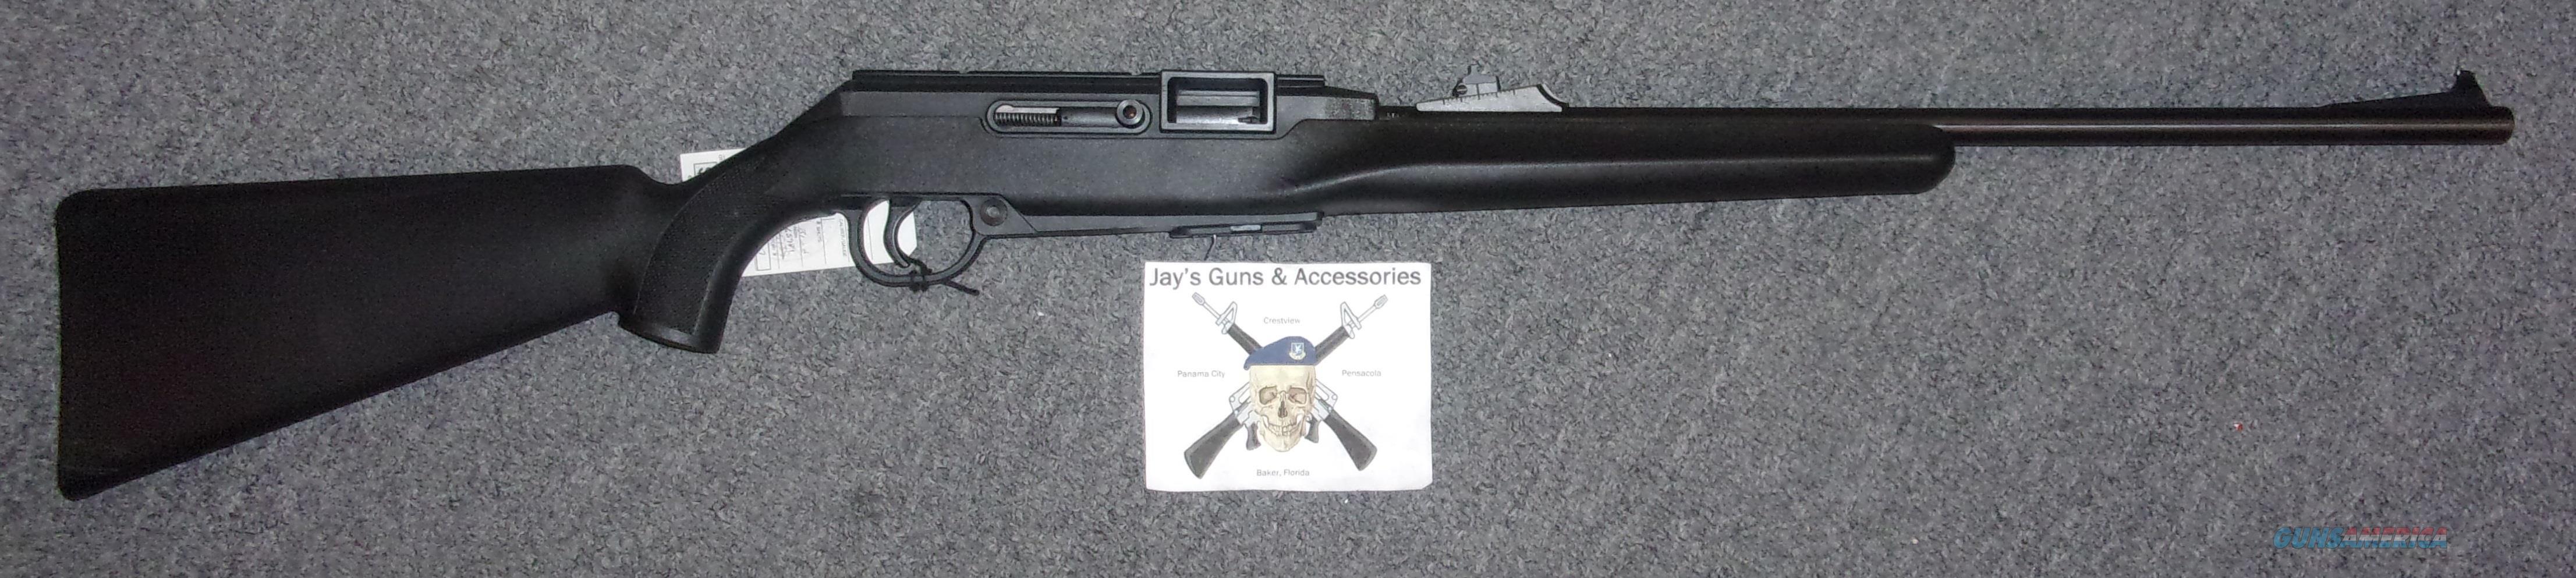 Remington 522  Guns > Rifles > Remington Replica Rifles